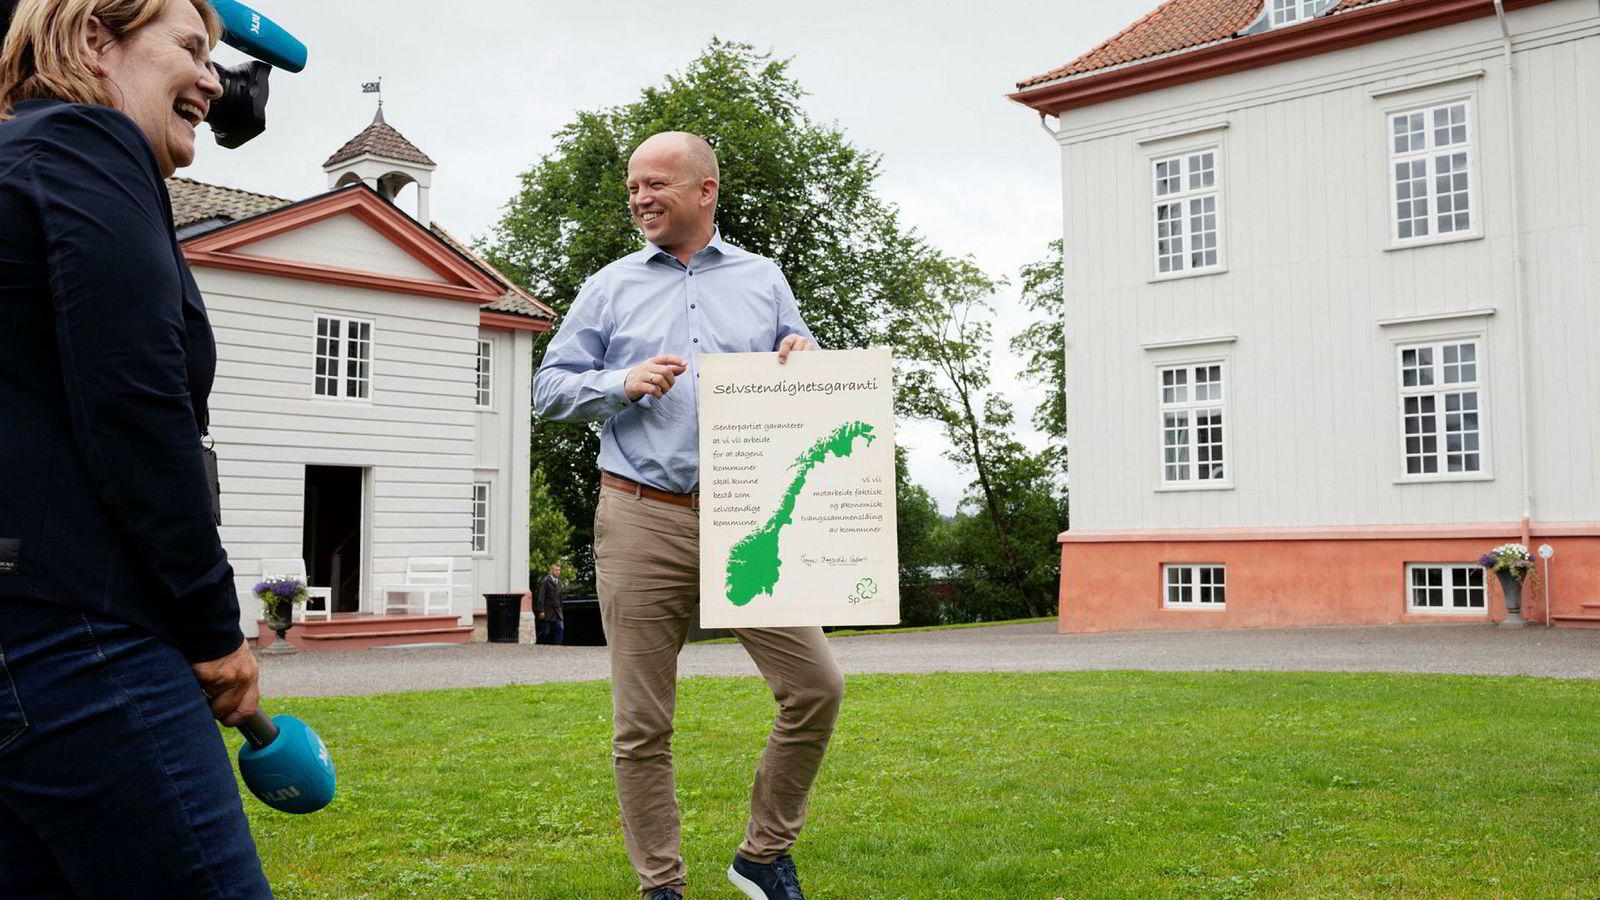 Sp-leder Trygve Slagsvold Vedum åpnet valgkampen med et norgeskart på Eidsvoll, så klart.